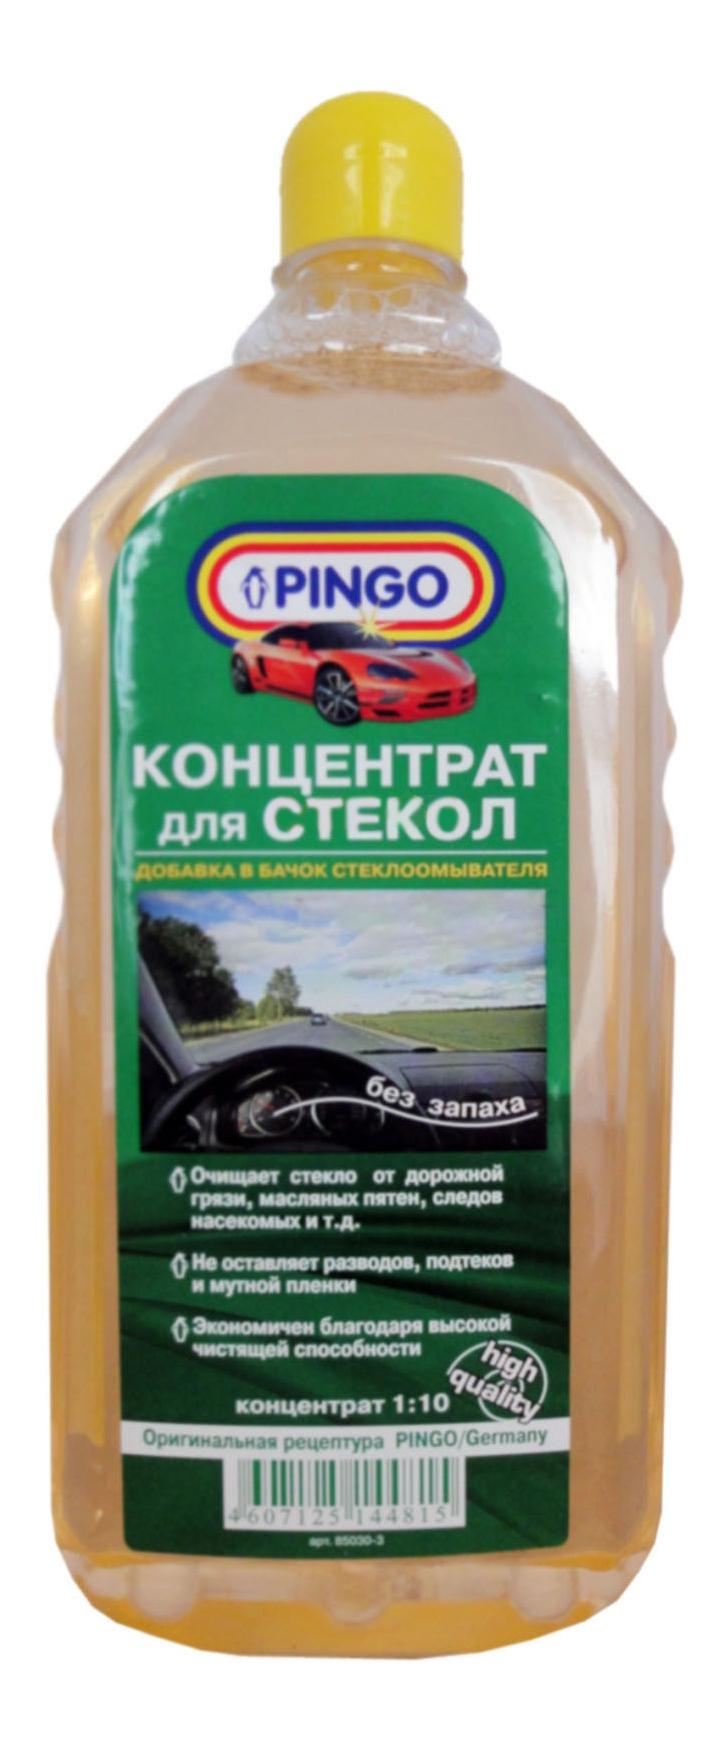 Концентрат жидкости для стеклоомывателя PINGO 1л 1:10 85030-3